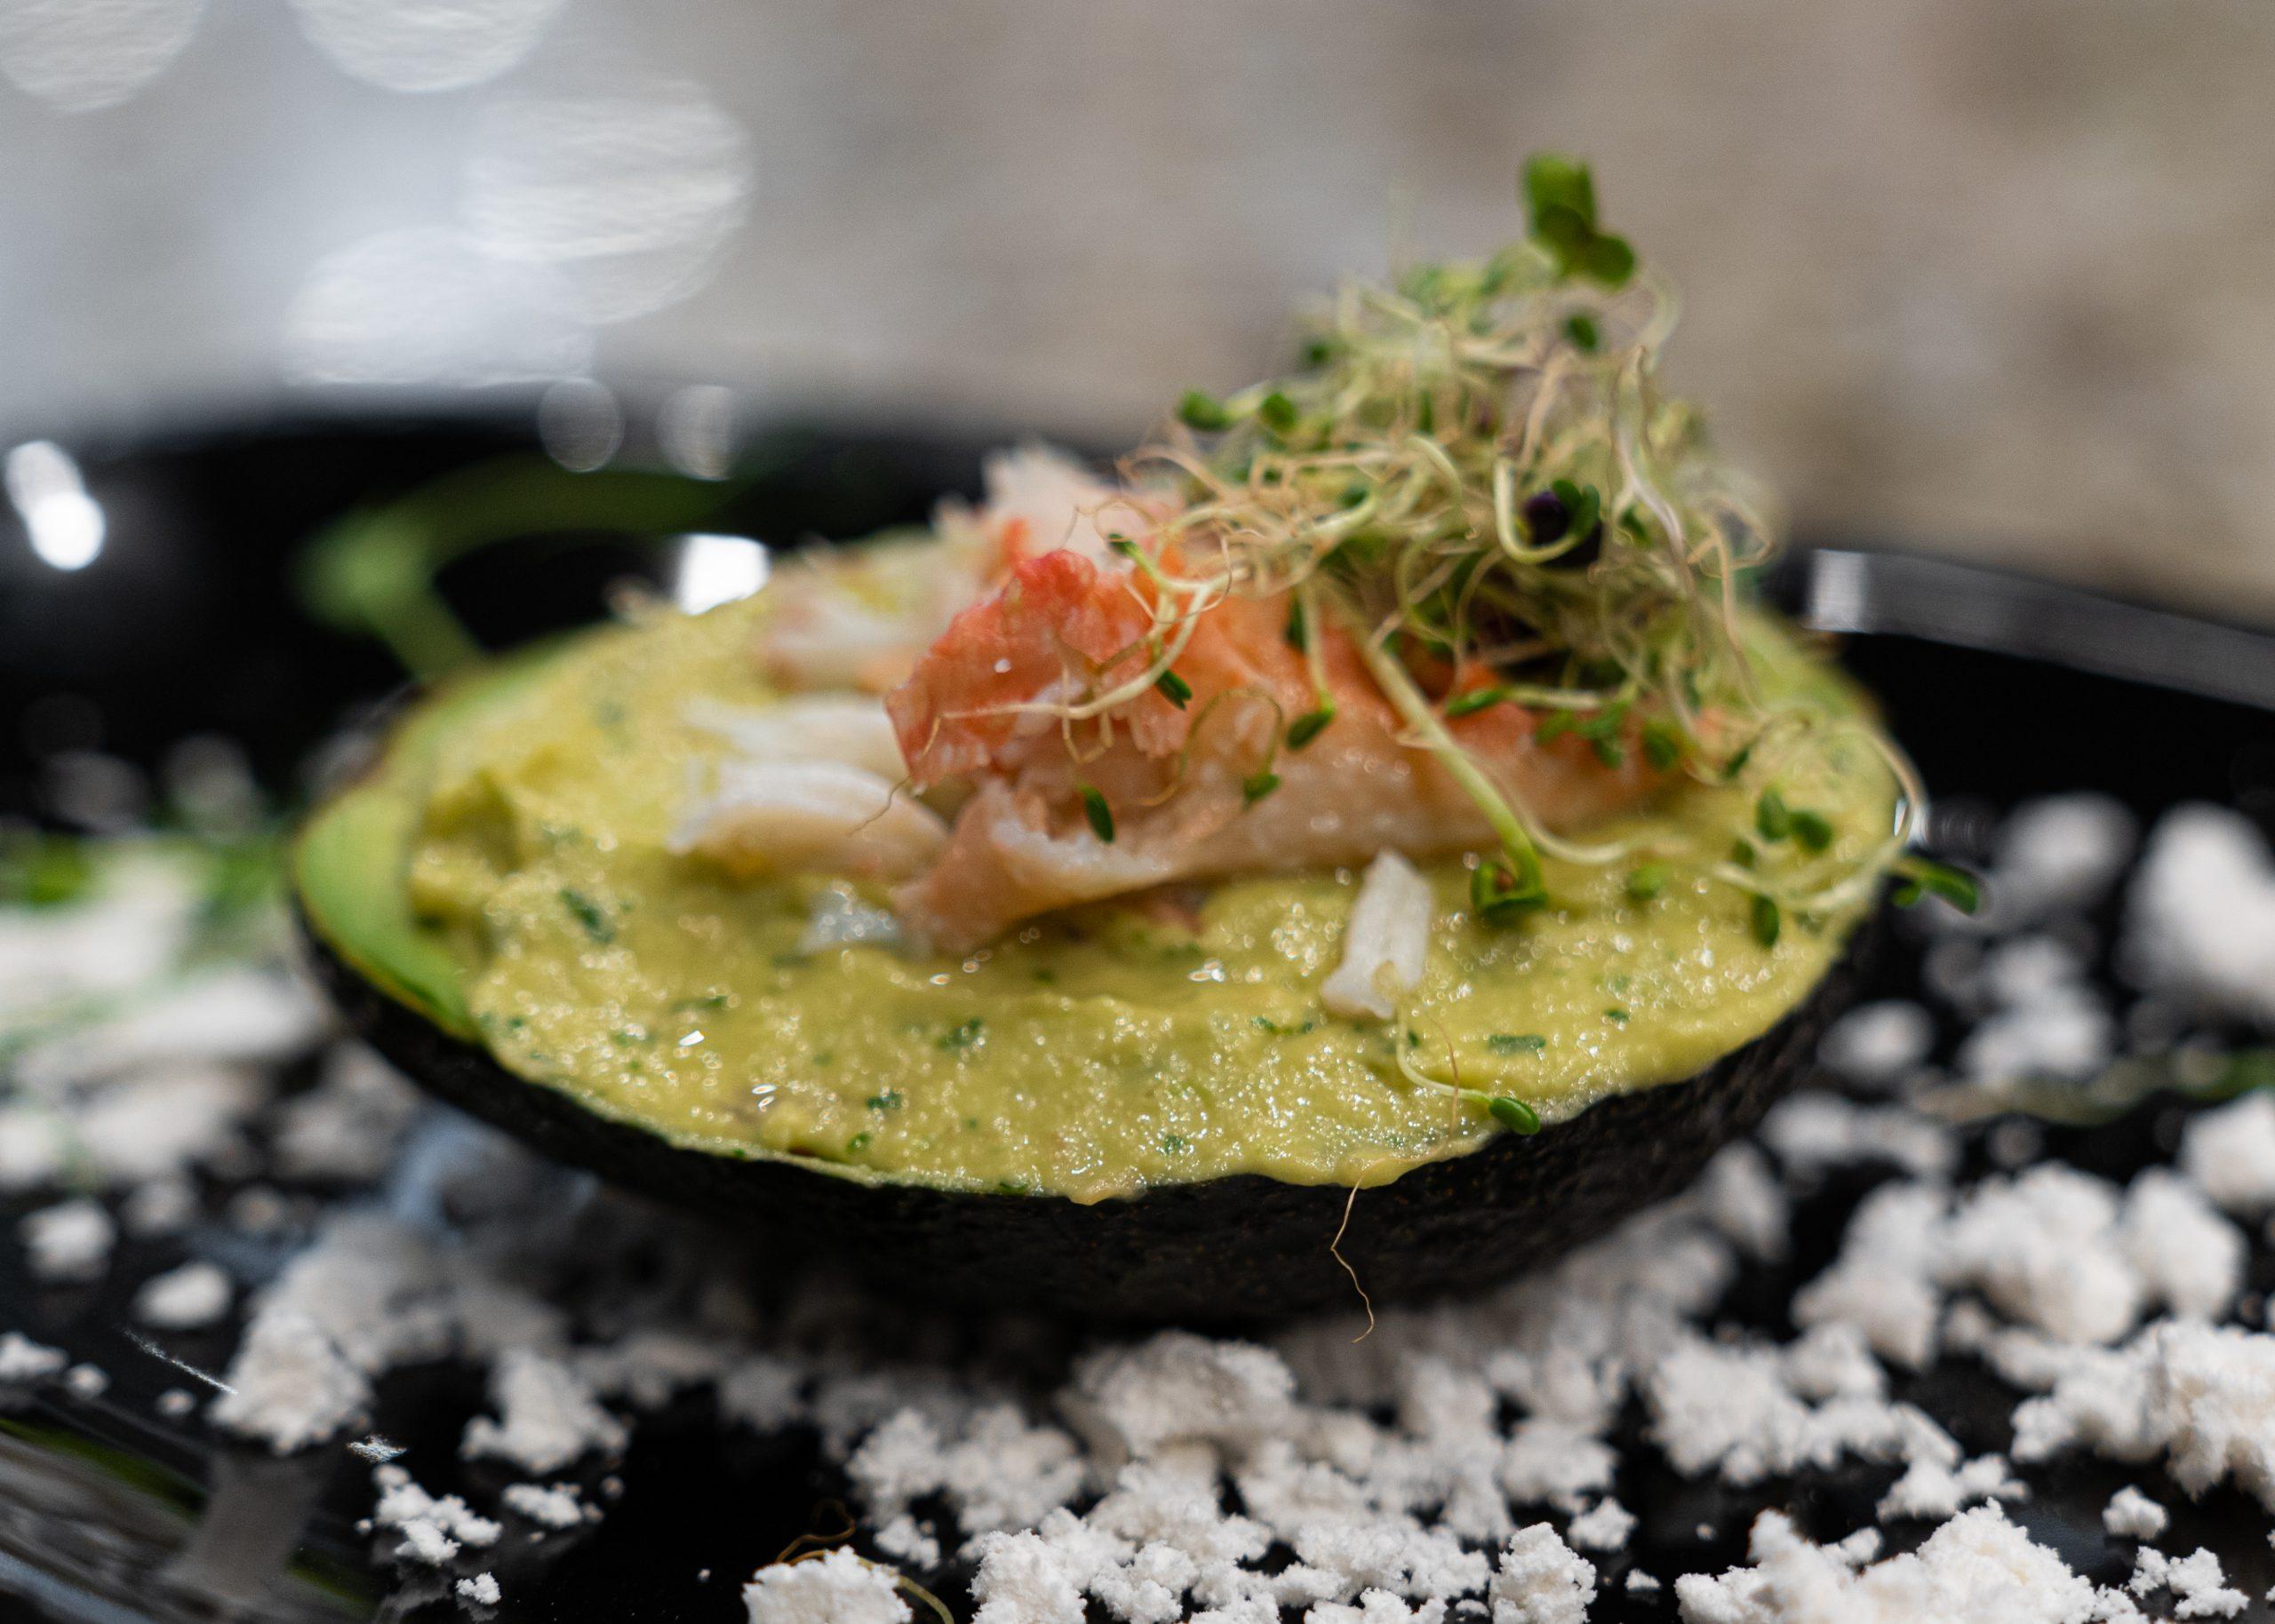 Dolce Vita ресторан.меню .Тартар из лосося и тунца, гуакамоле с крабовым мясом, снег из оливкового масла